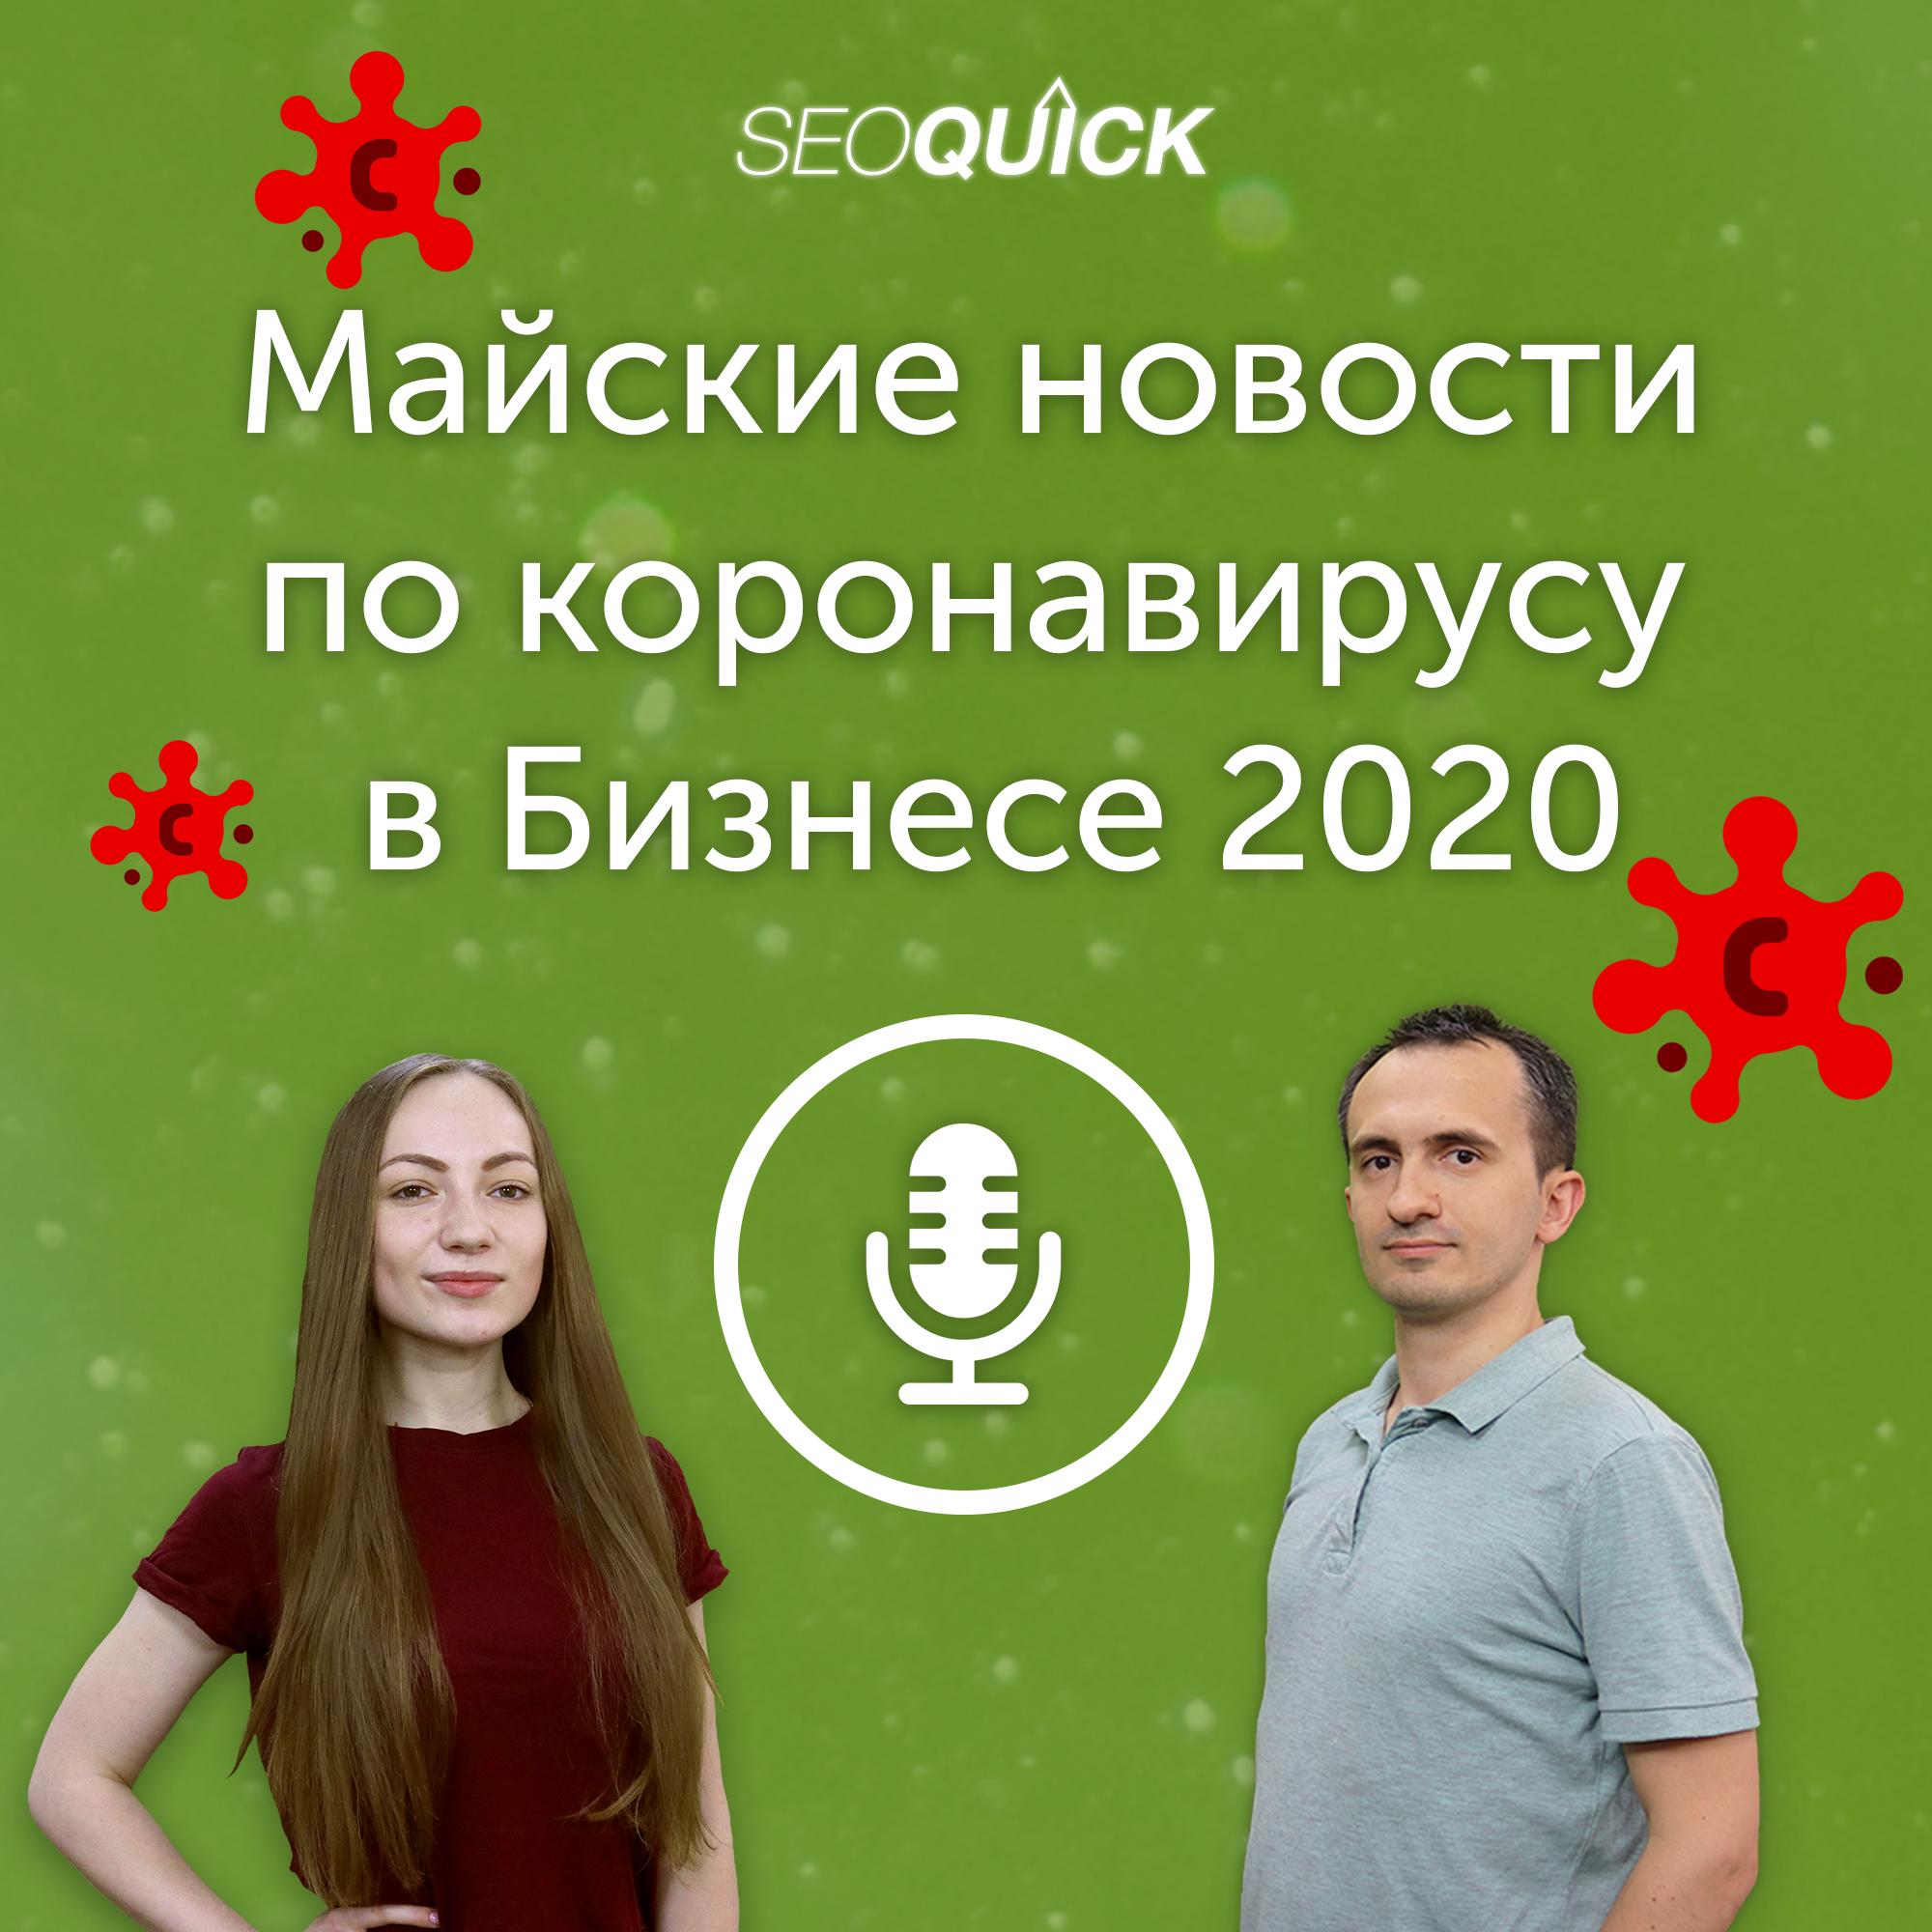 Майские новости по коронавирусу в Бизнесе 2020